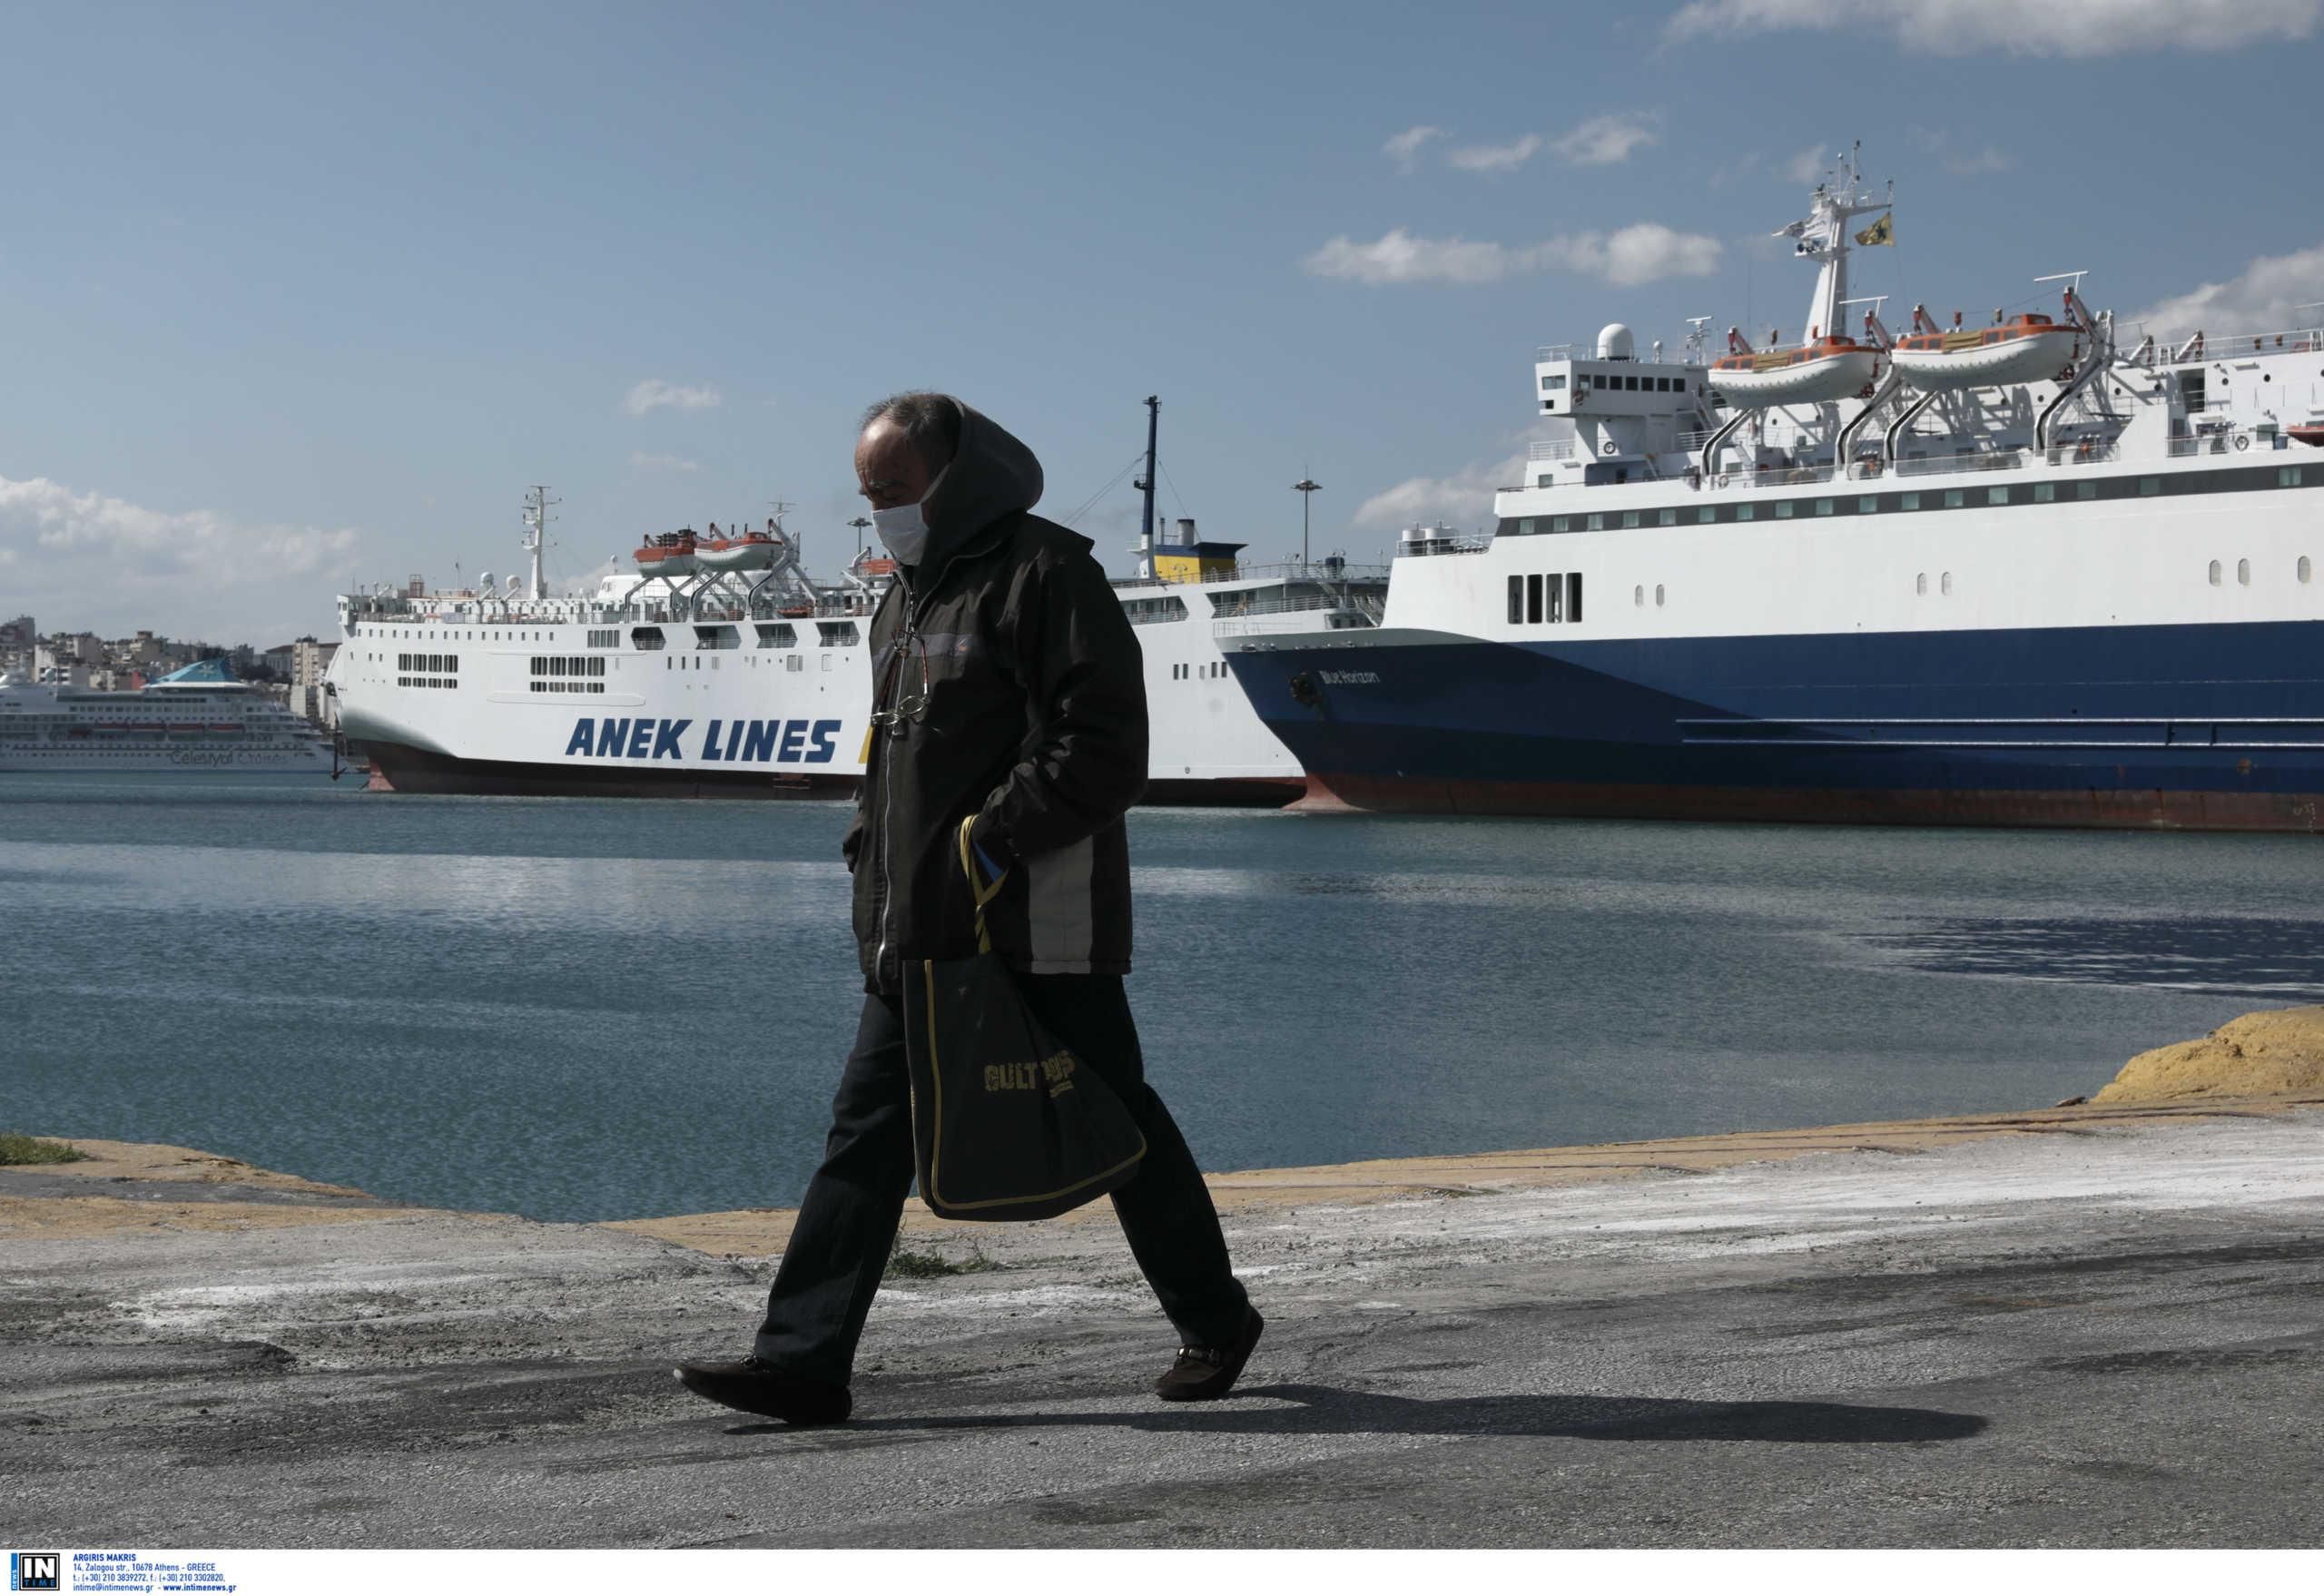 Απαγορευτικό απόπλου: Κανονικά τα δρομολόγια των πλοίων